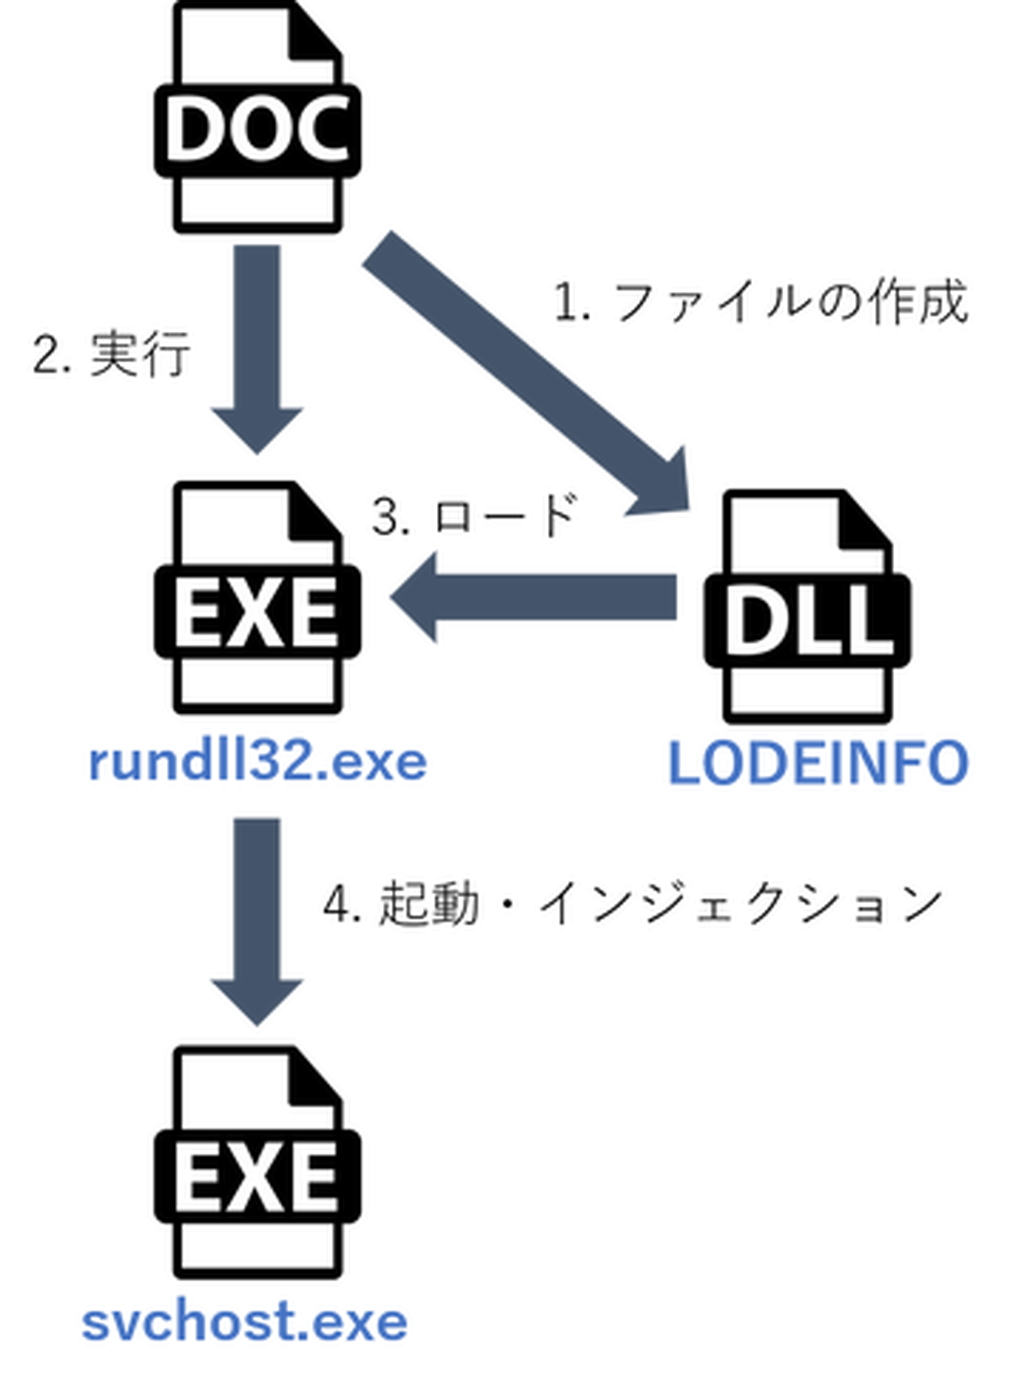 「LODEINFO」が動作するまでの流れ